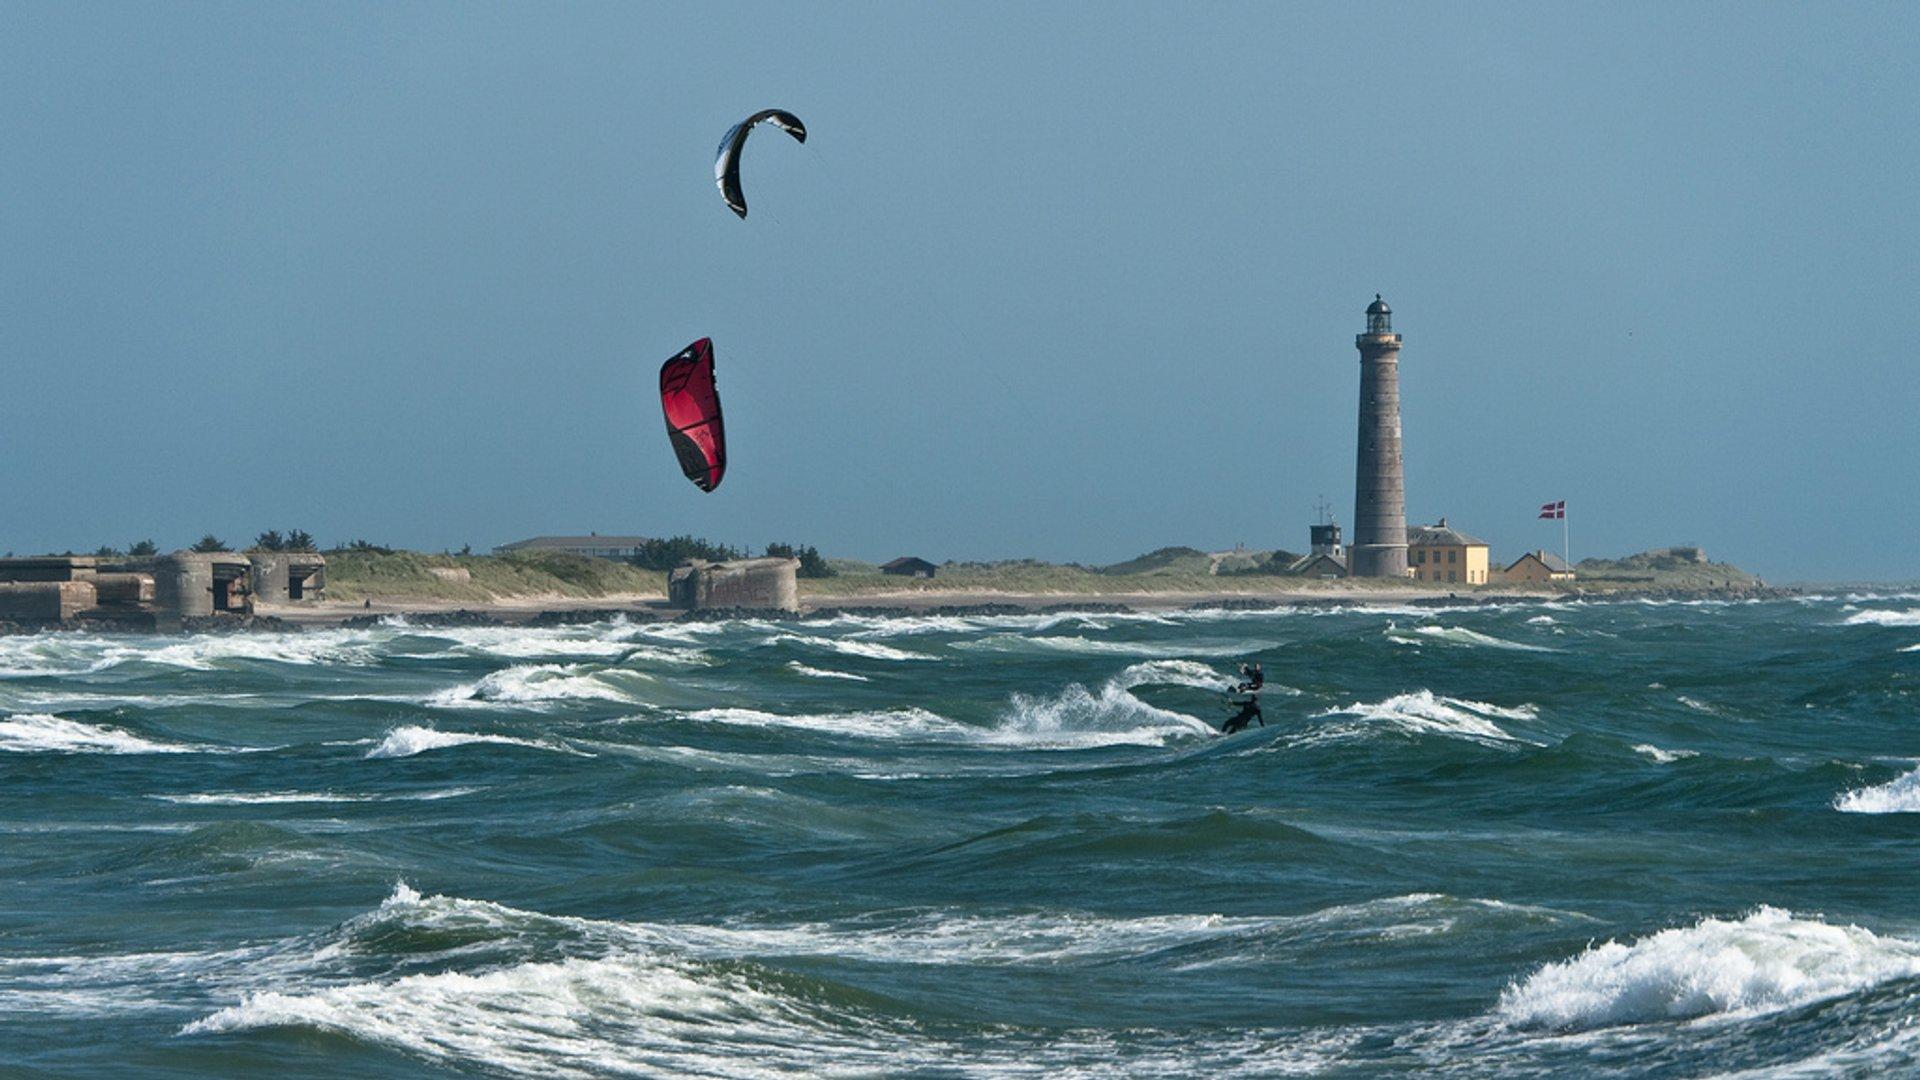 Kitesurfing along Sønderstrand 2020